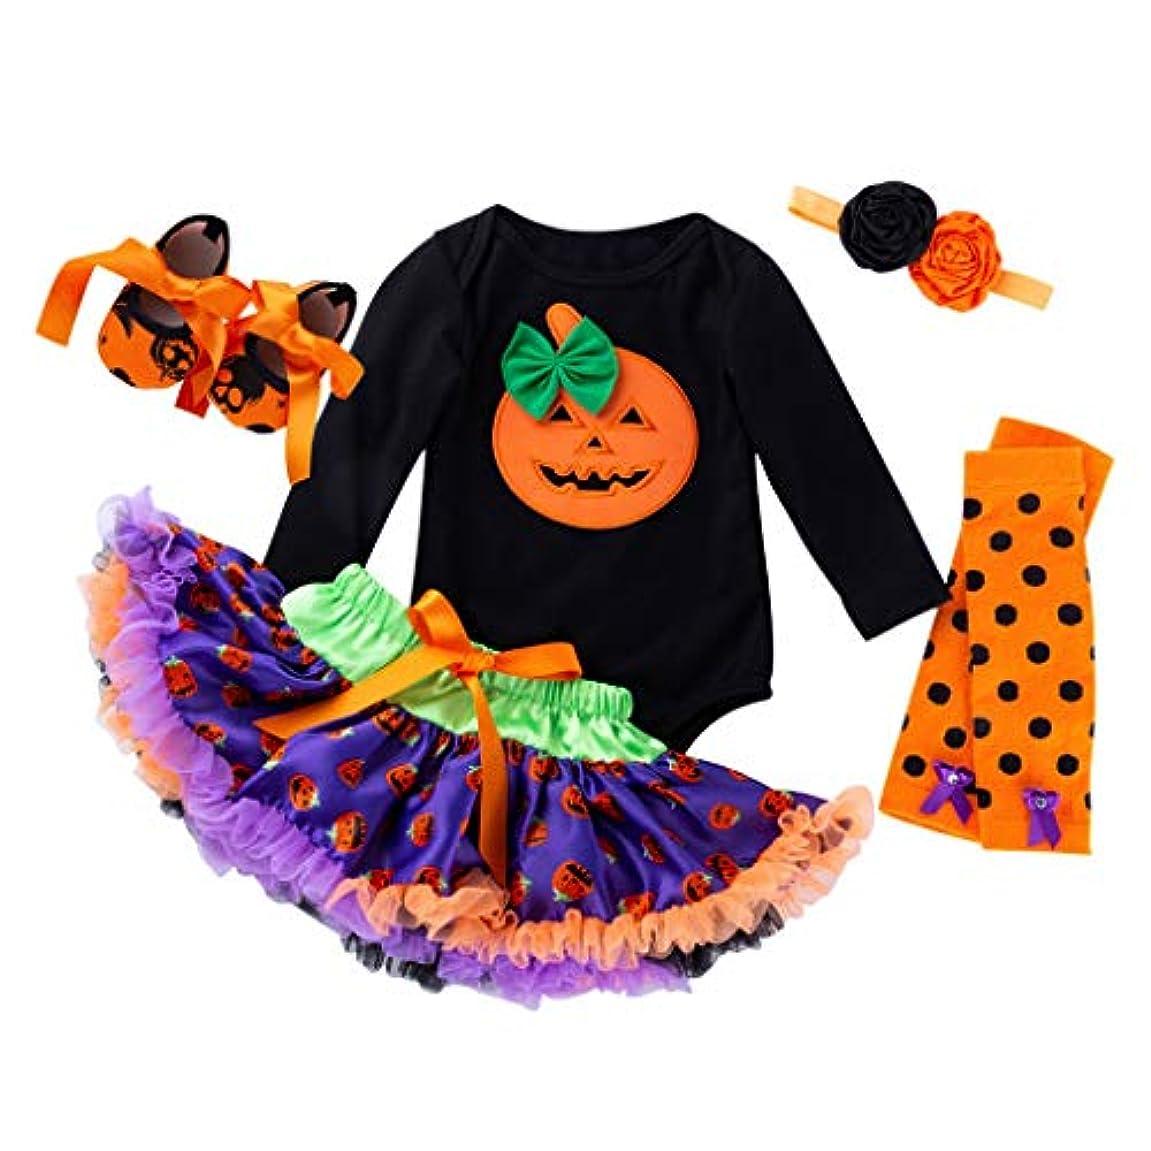 樹皮計算震えるハロウィン 赤ちゃん ワンピース Huliyun 女の子 ロンパース かわいい キッズ 仮装 子供用2ピース長袖ローブ+チュチュスカート ハロウィン 衣装 子供 女の子 パンプキン かぼちゃ 仮装